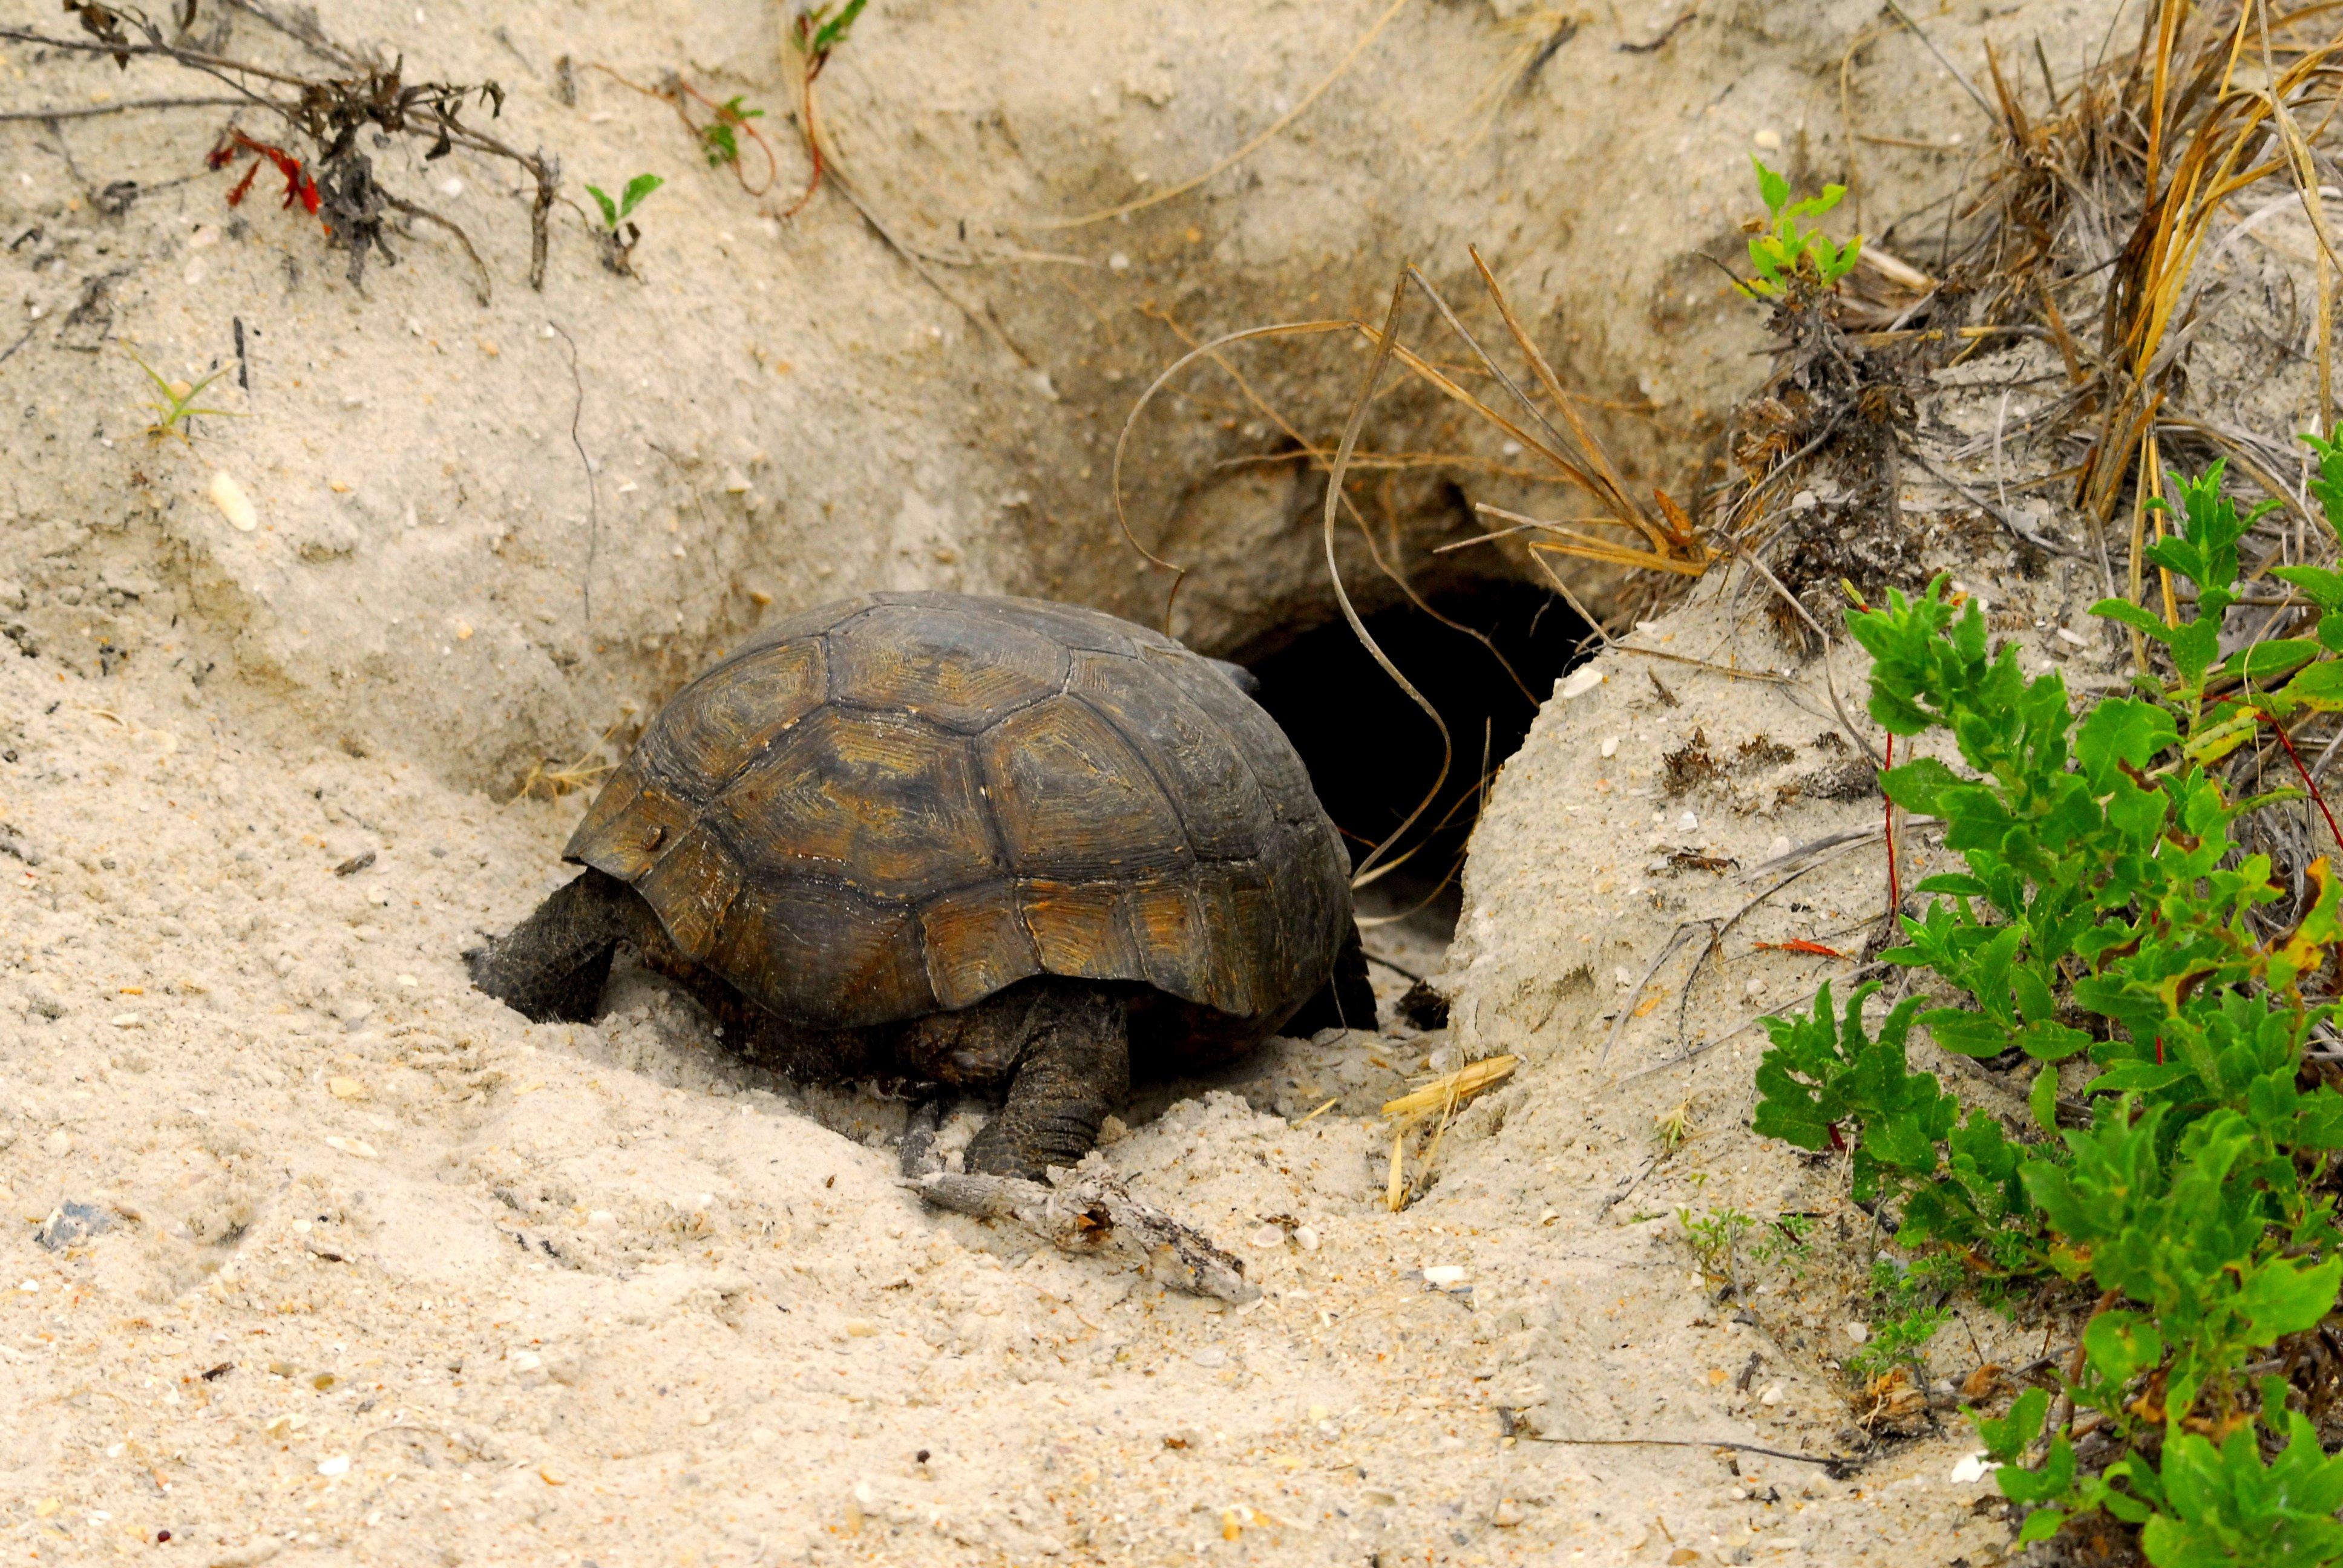 спячка черепах в картинках нижней части